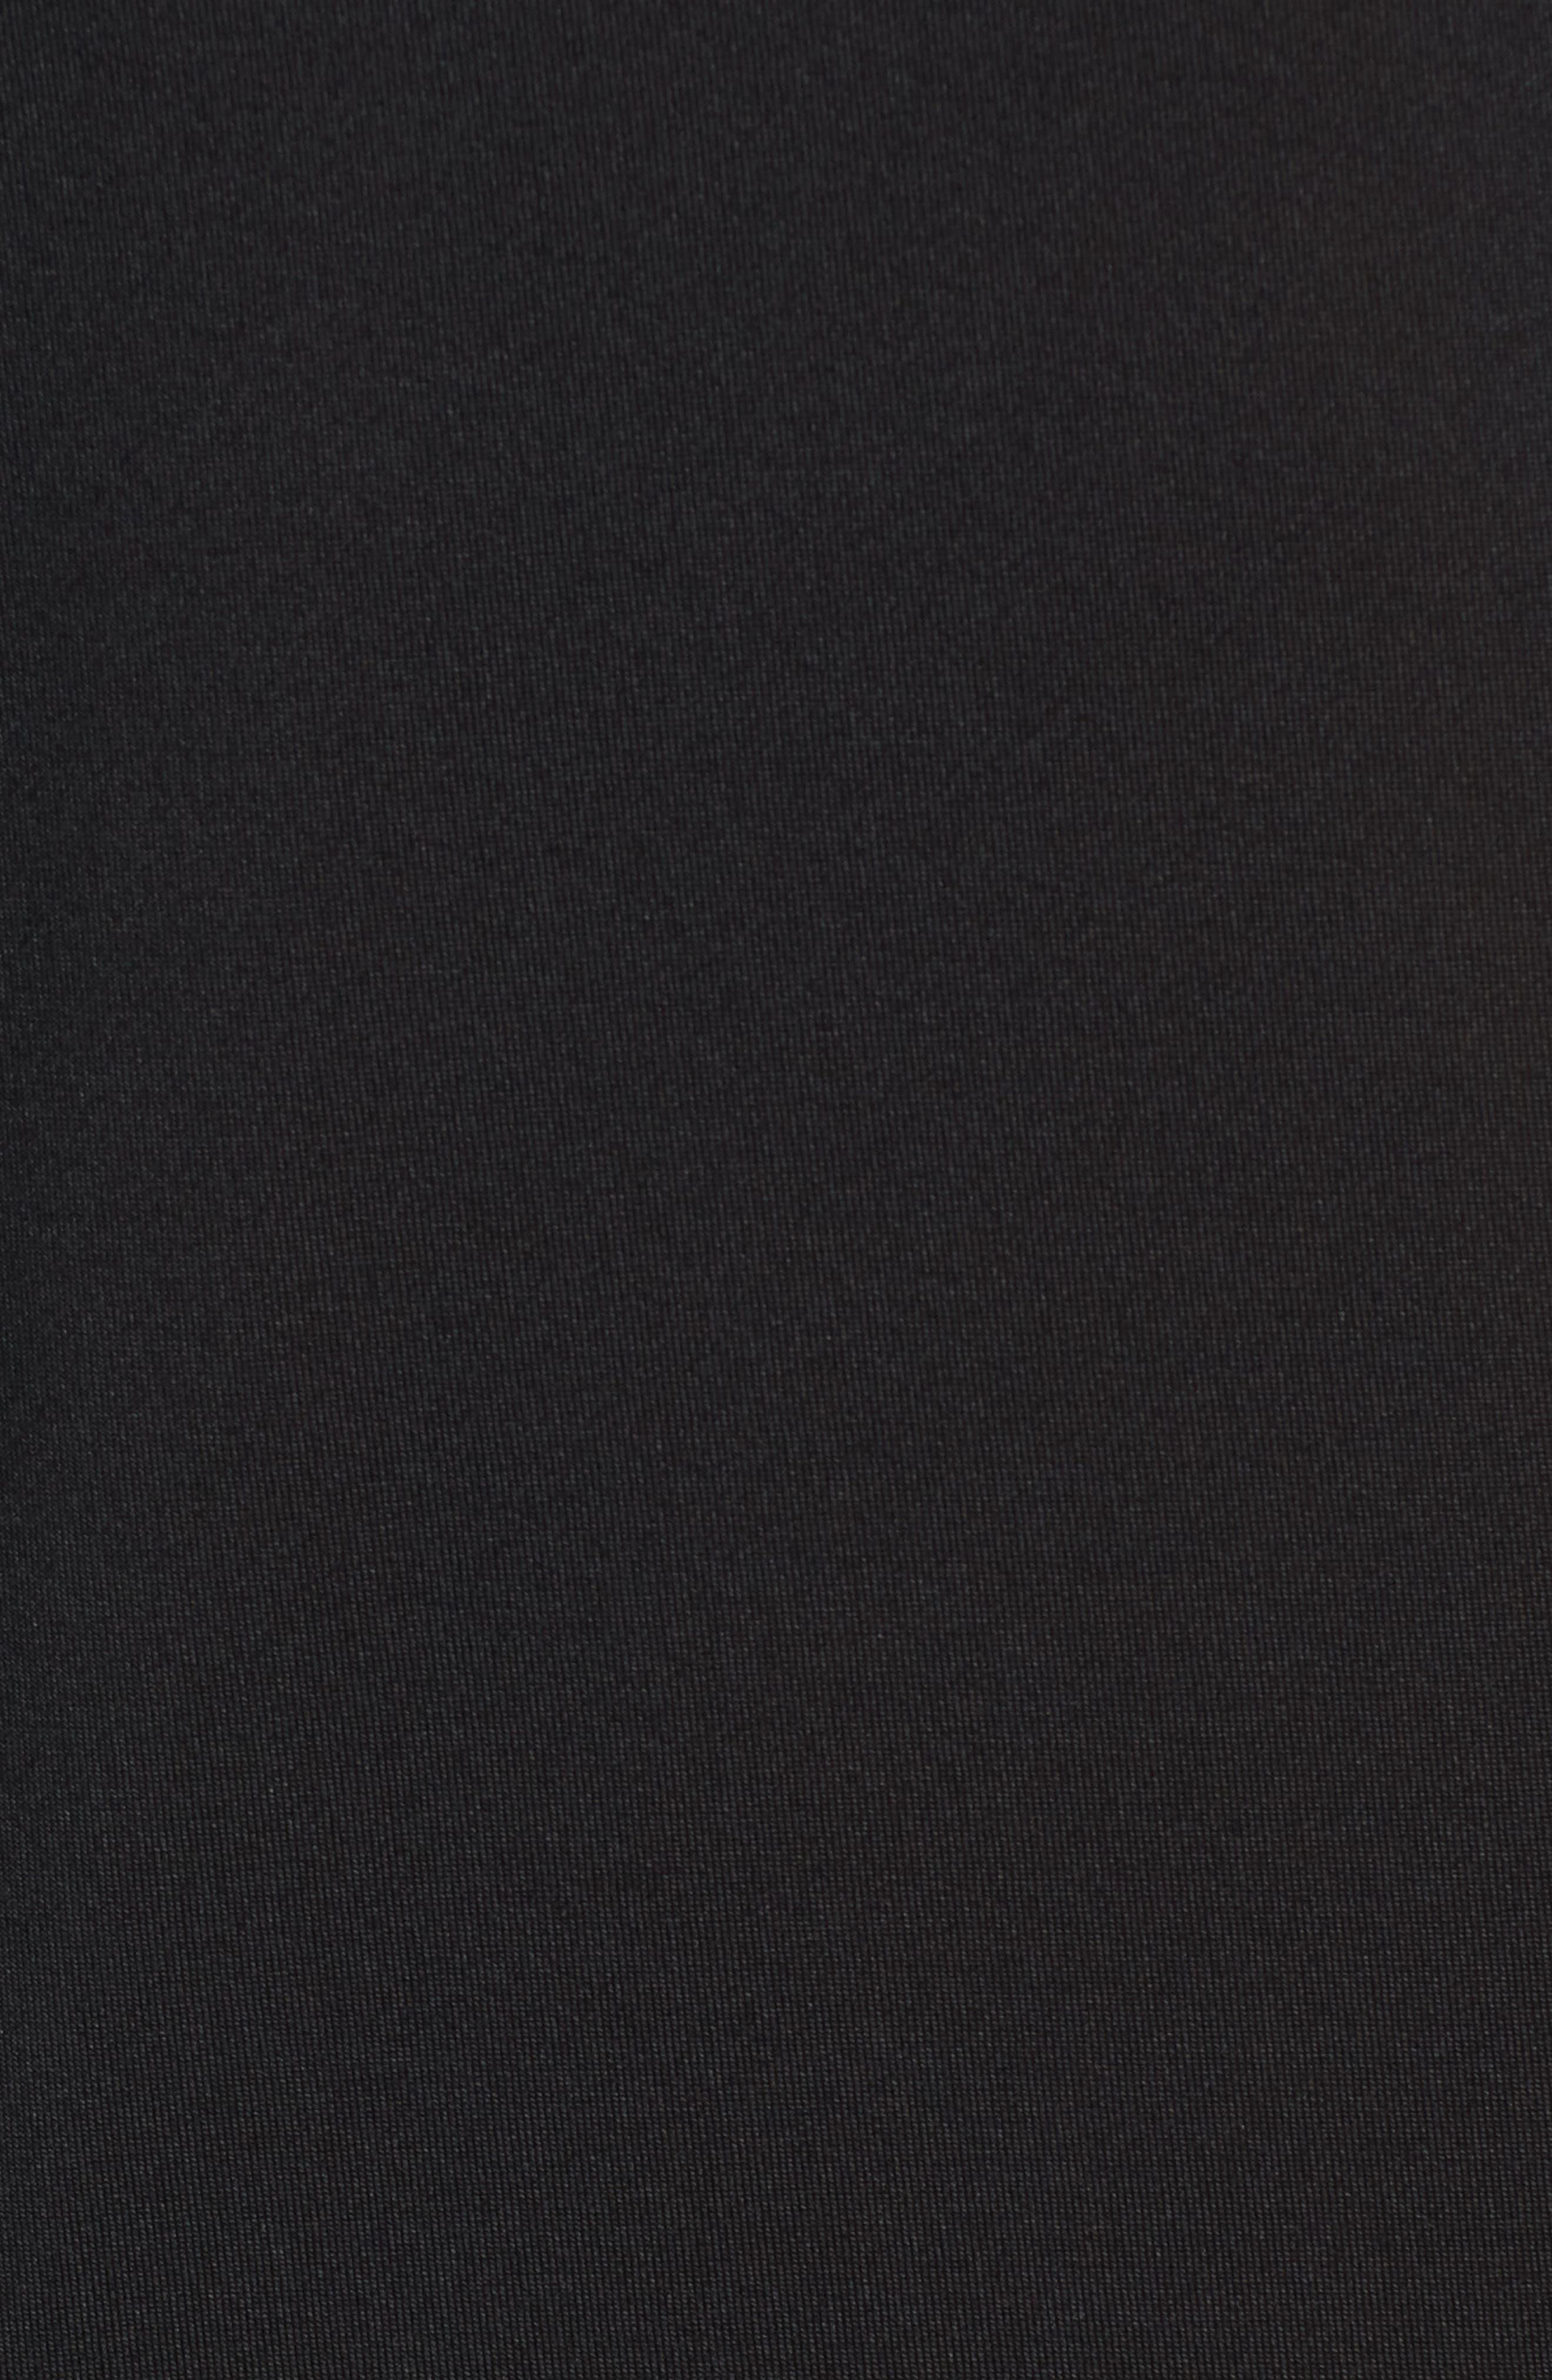 Goodsport Mesh Panel T-Shirt,                             Alternate thumbnail 5, color,                             001